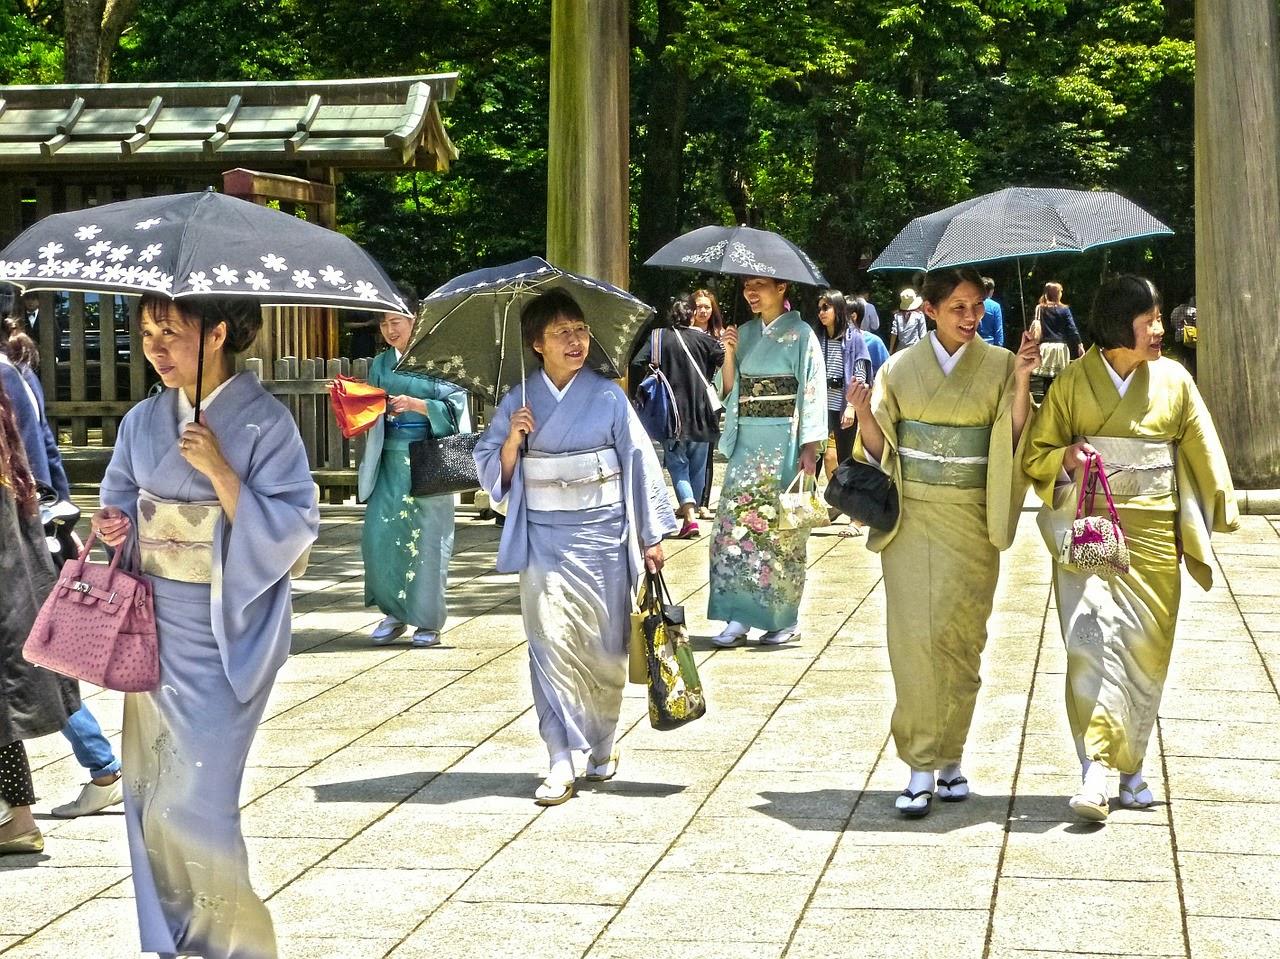 Las mujeres japonesas no envejecen ni engordan, ¿por qué?